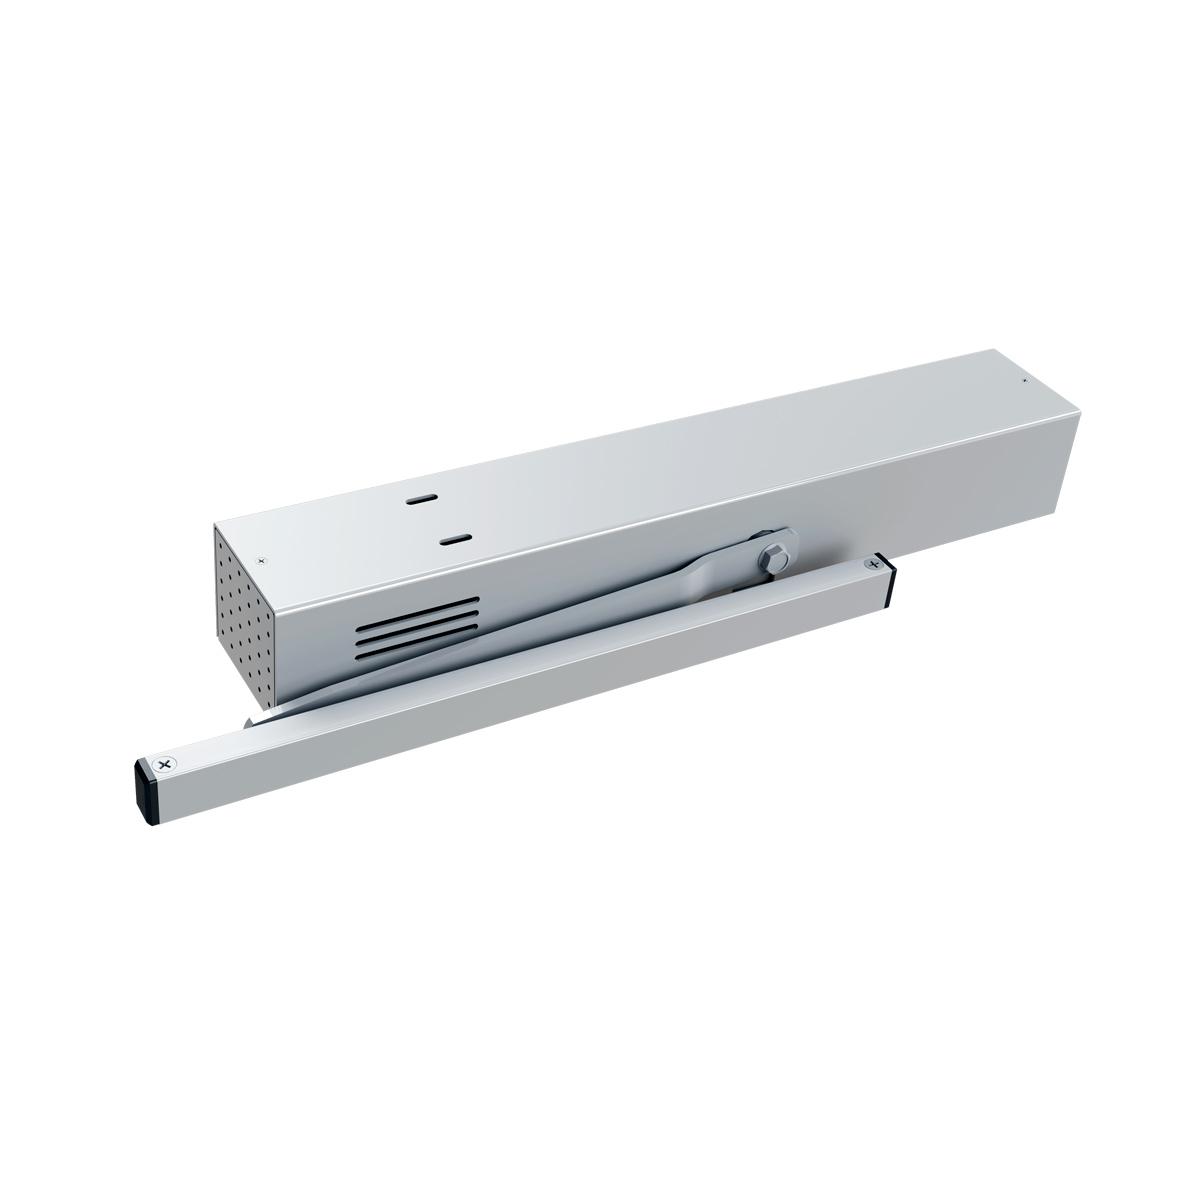 Dorma 1800 Series Holderrelease Device With Integral Door Closer